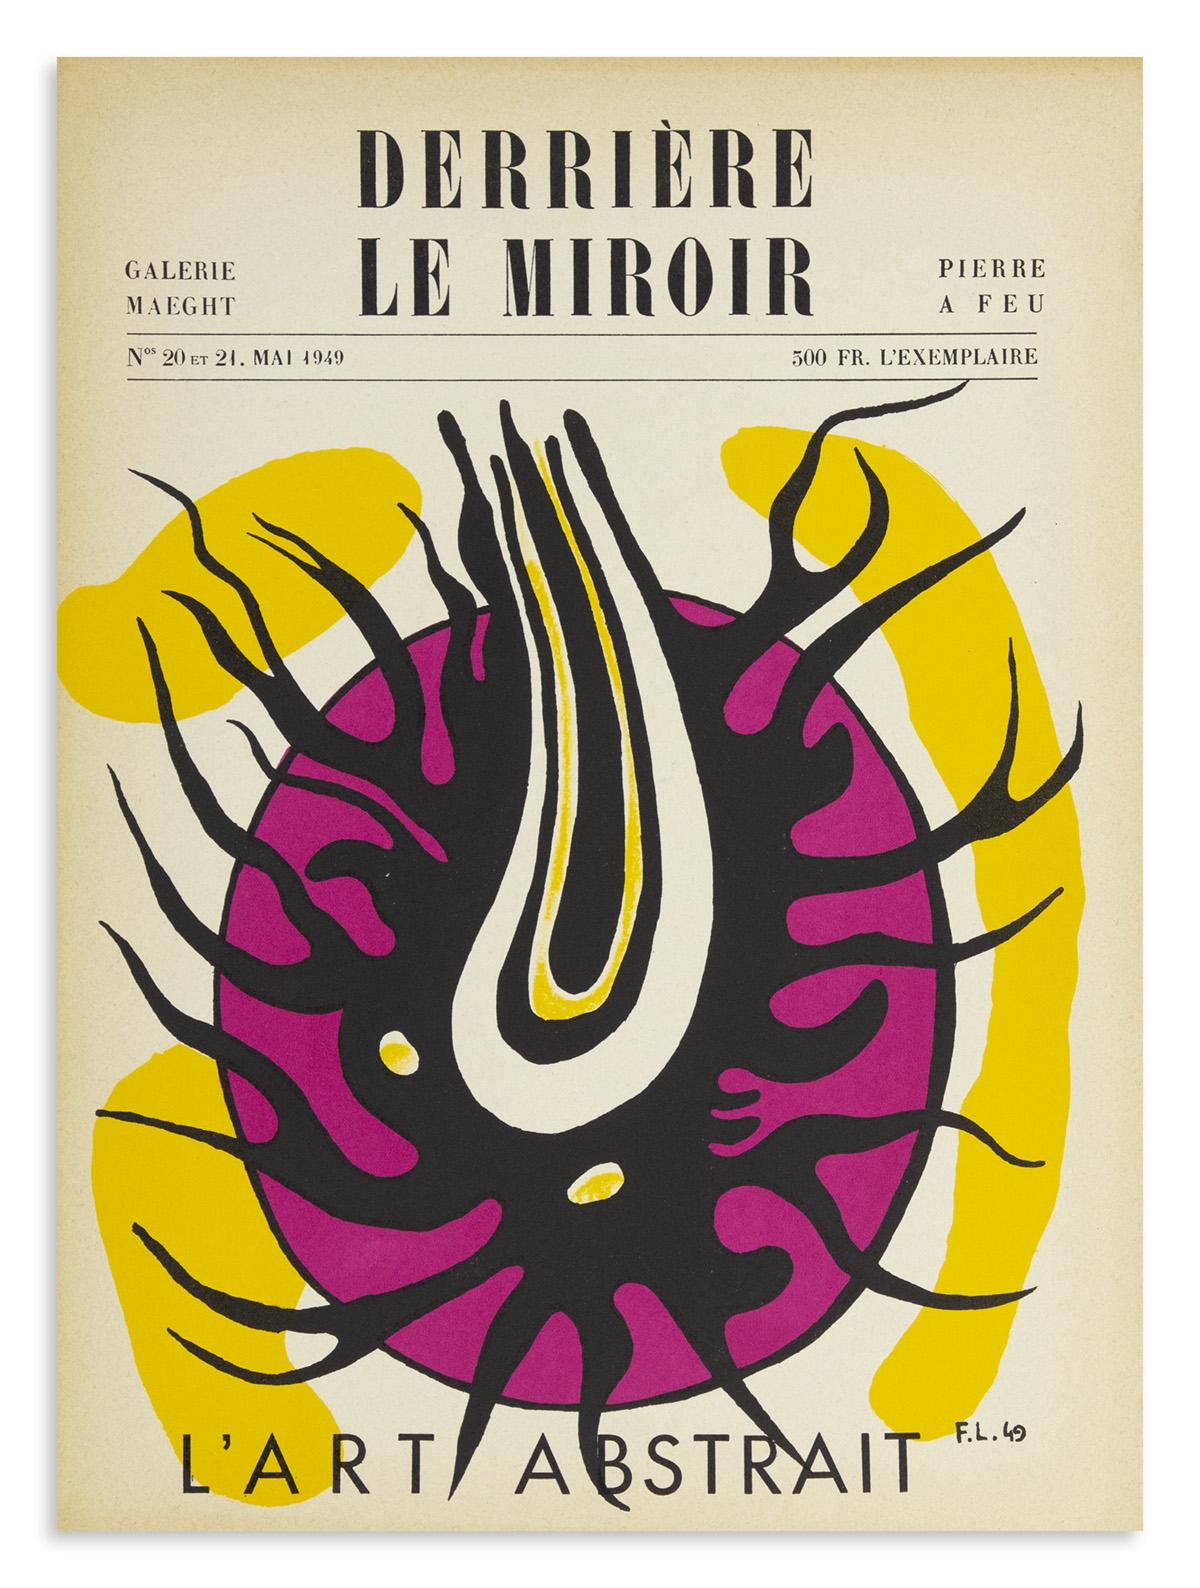 DERRIÈRE-LE-MIROIR-Group-of-50-volumes